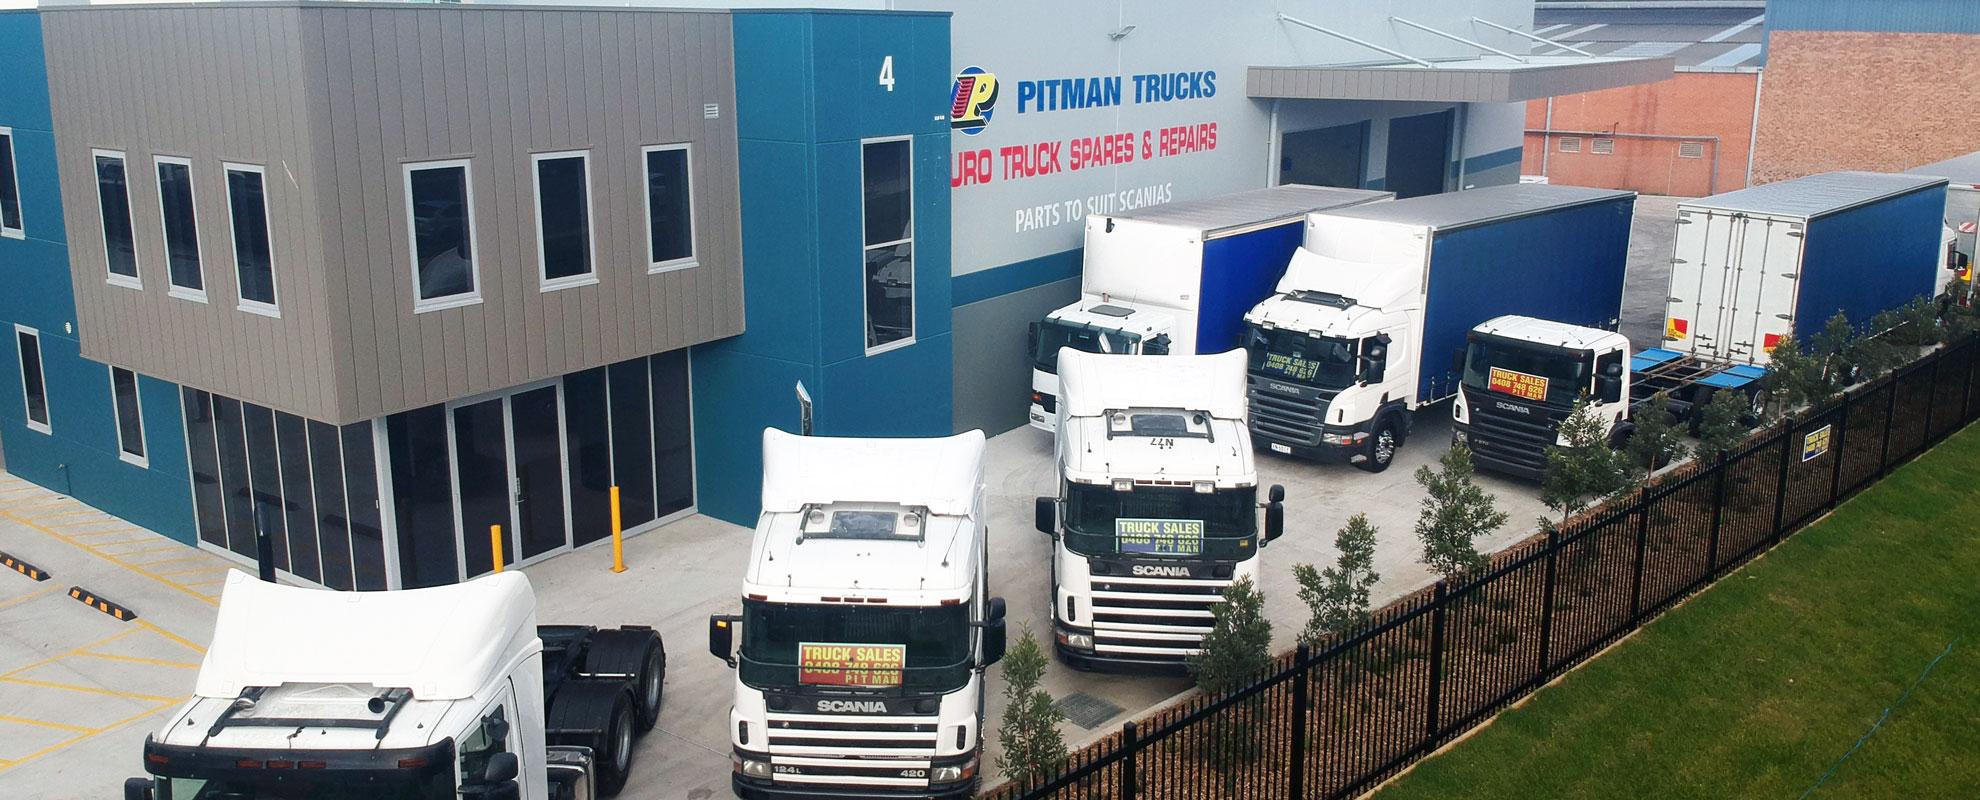 euro truck spares & repairs